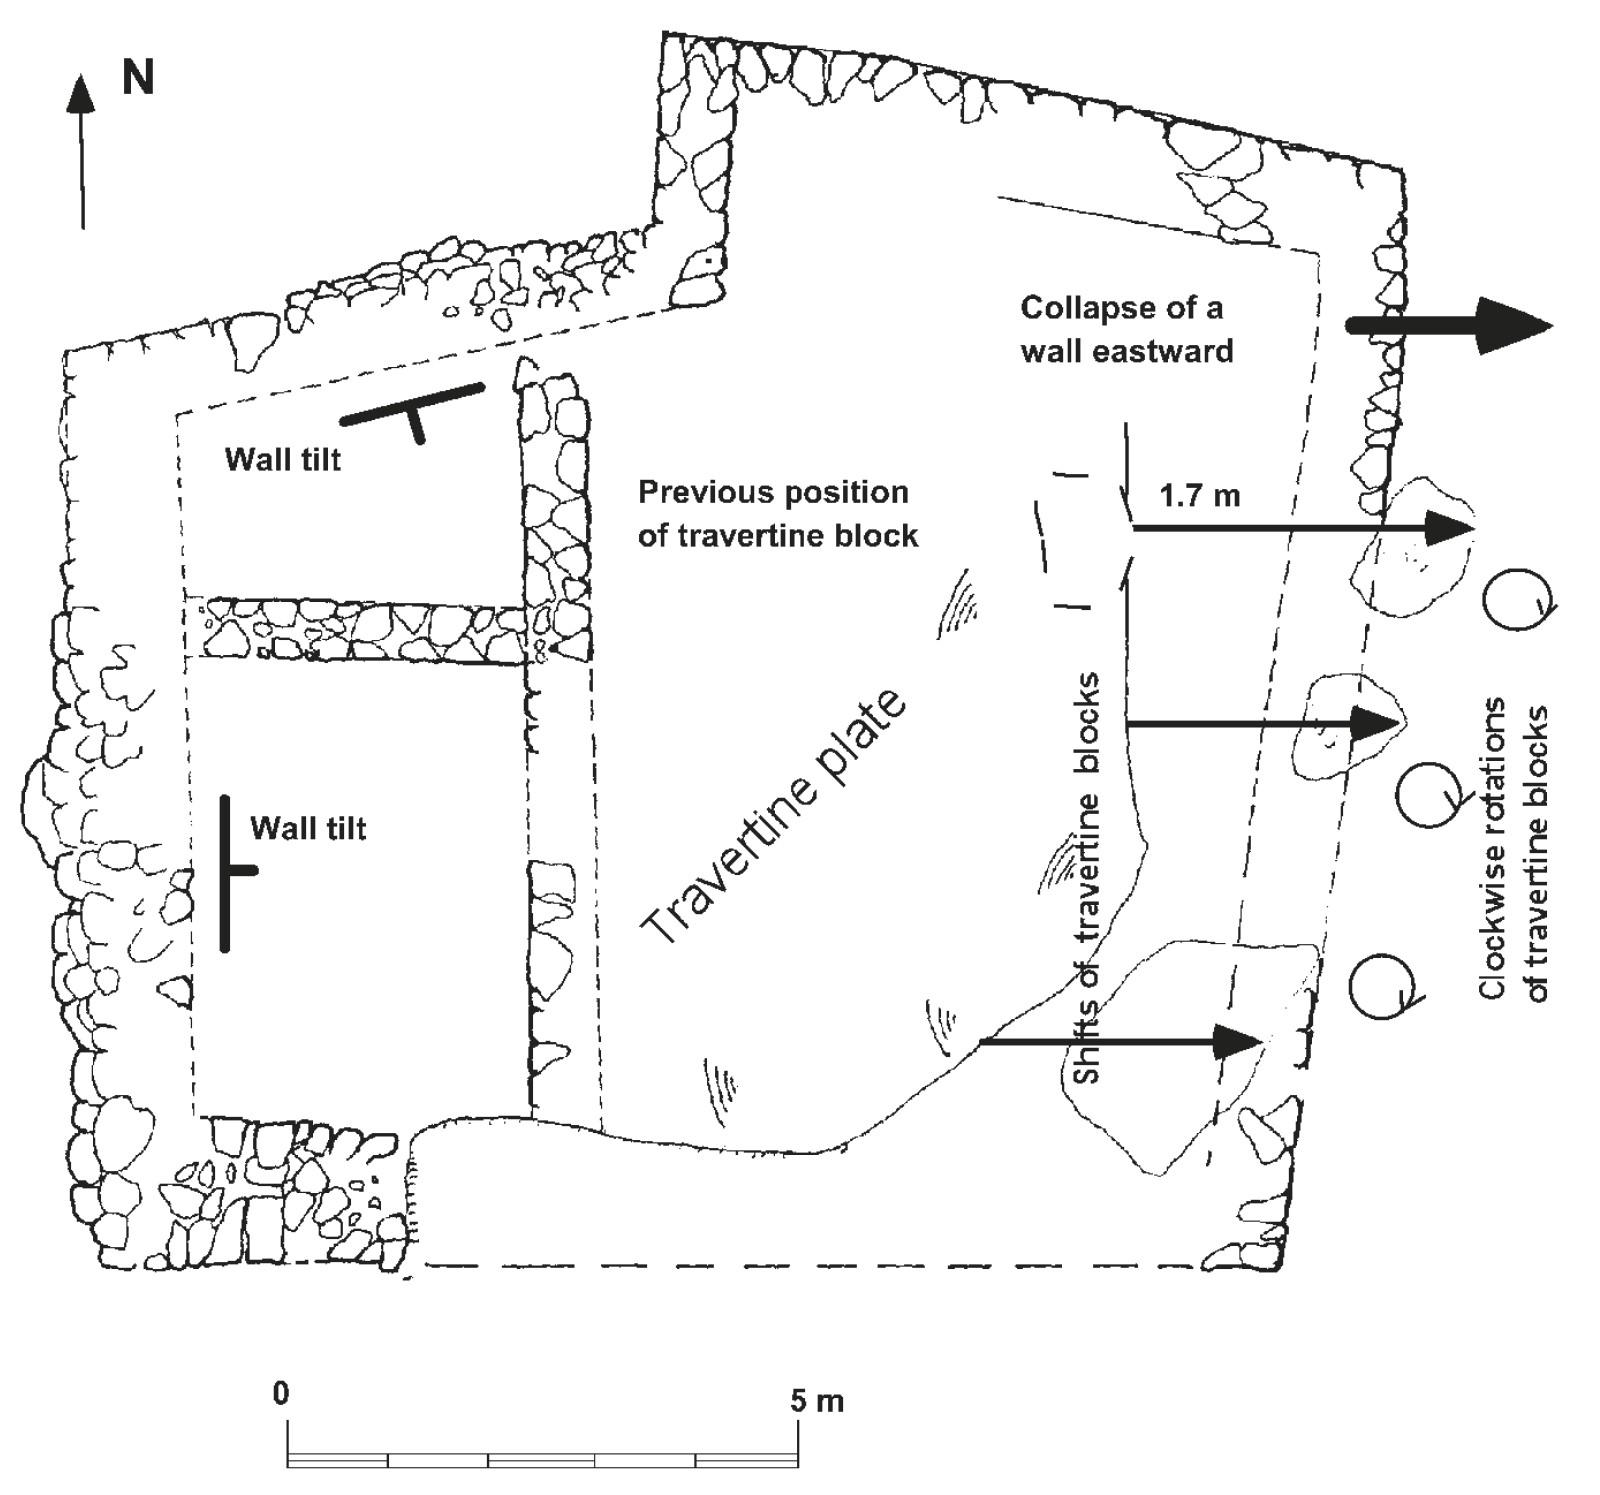 Plan View of Seismic Damage at Ein Erga